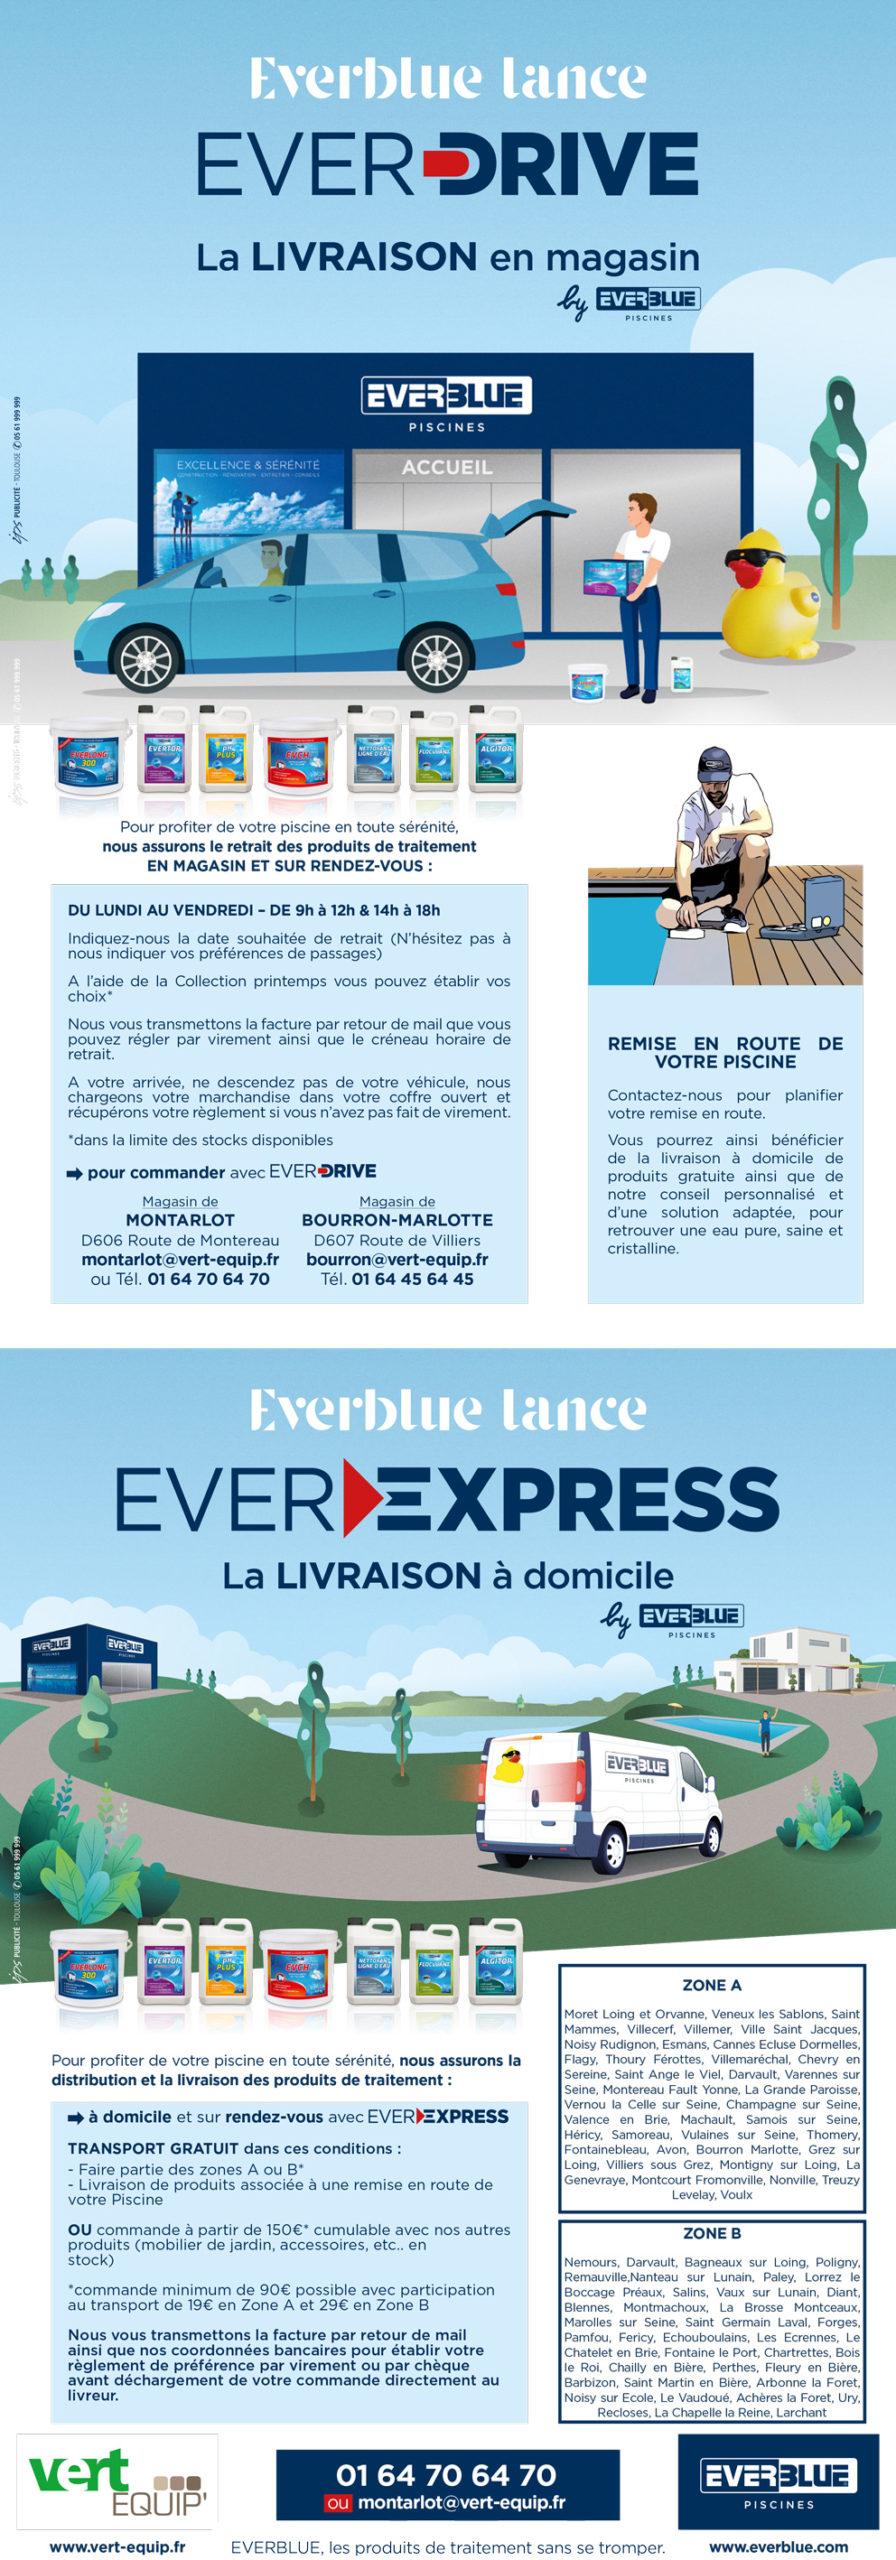 Livraison en magasin EVER Drive - Livraison à domicile EVER Express